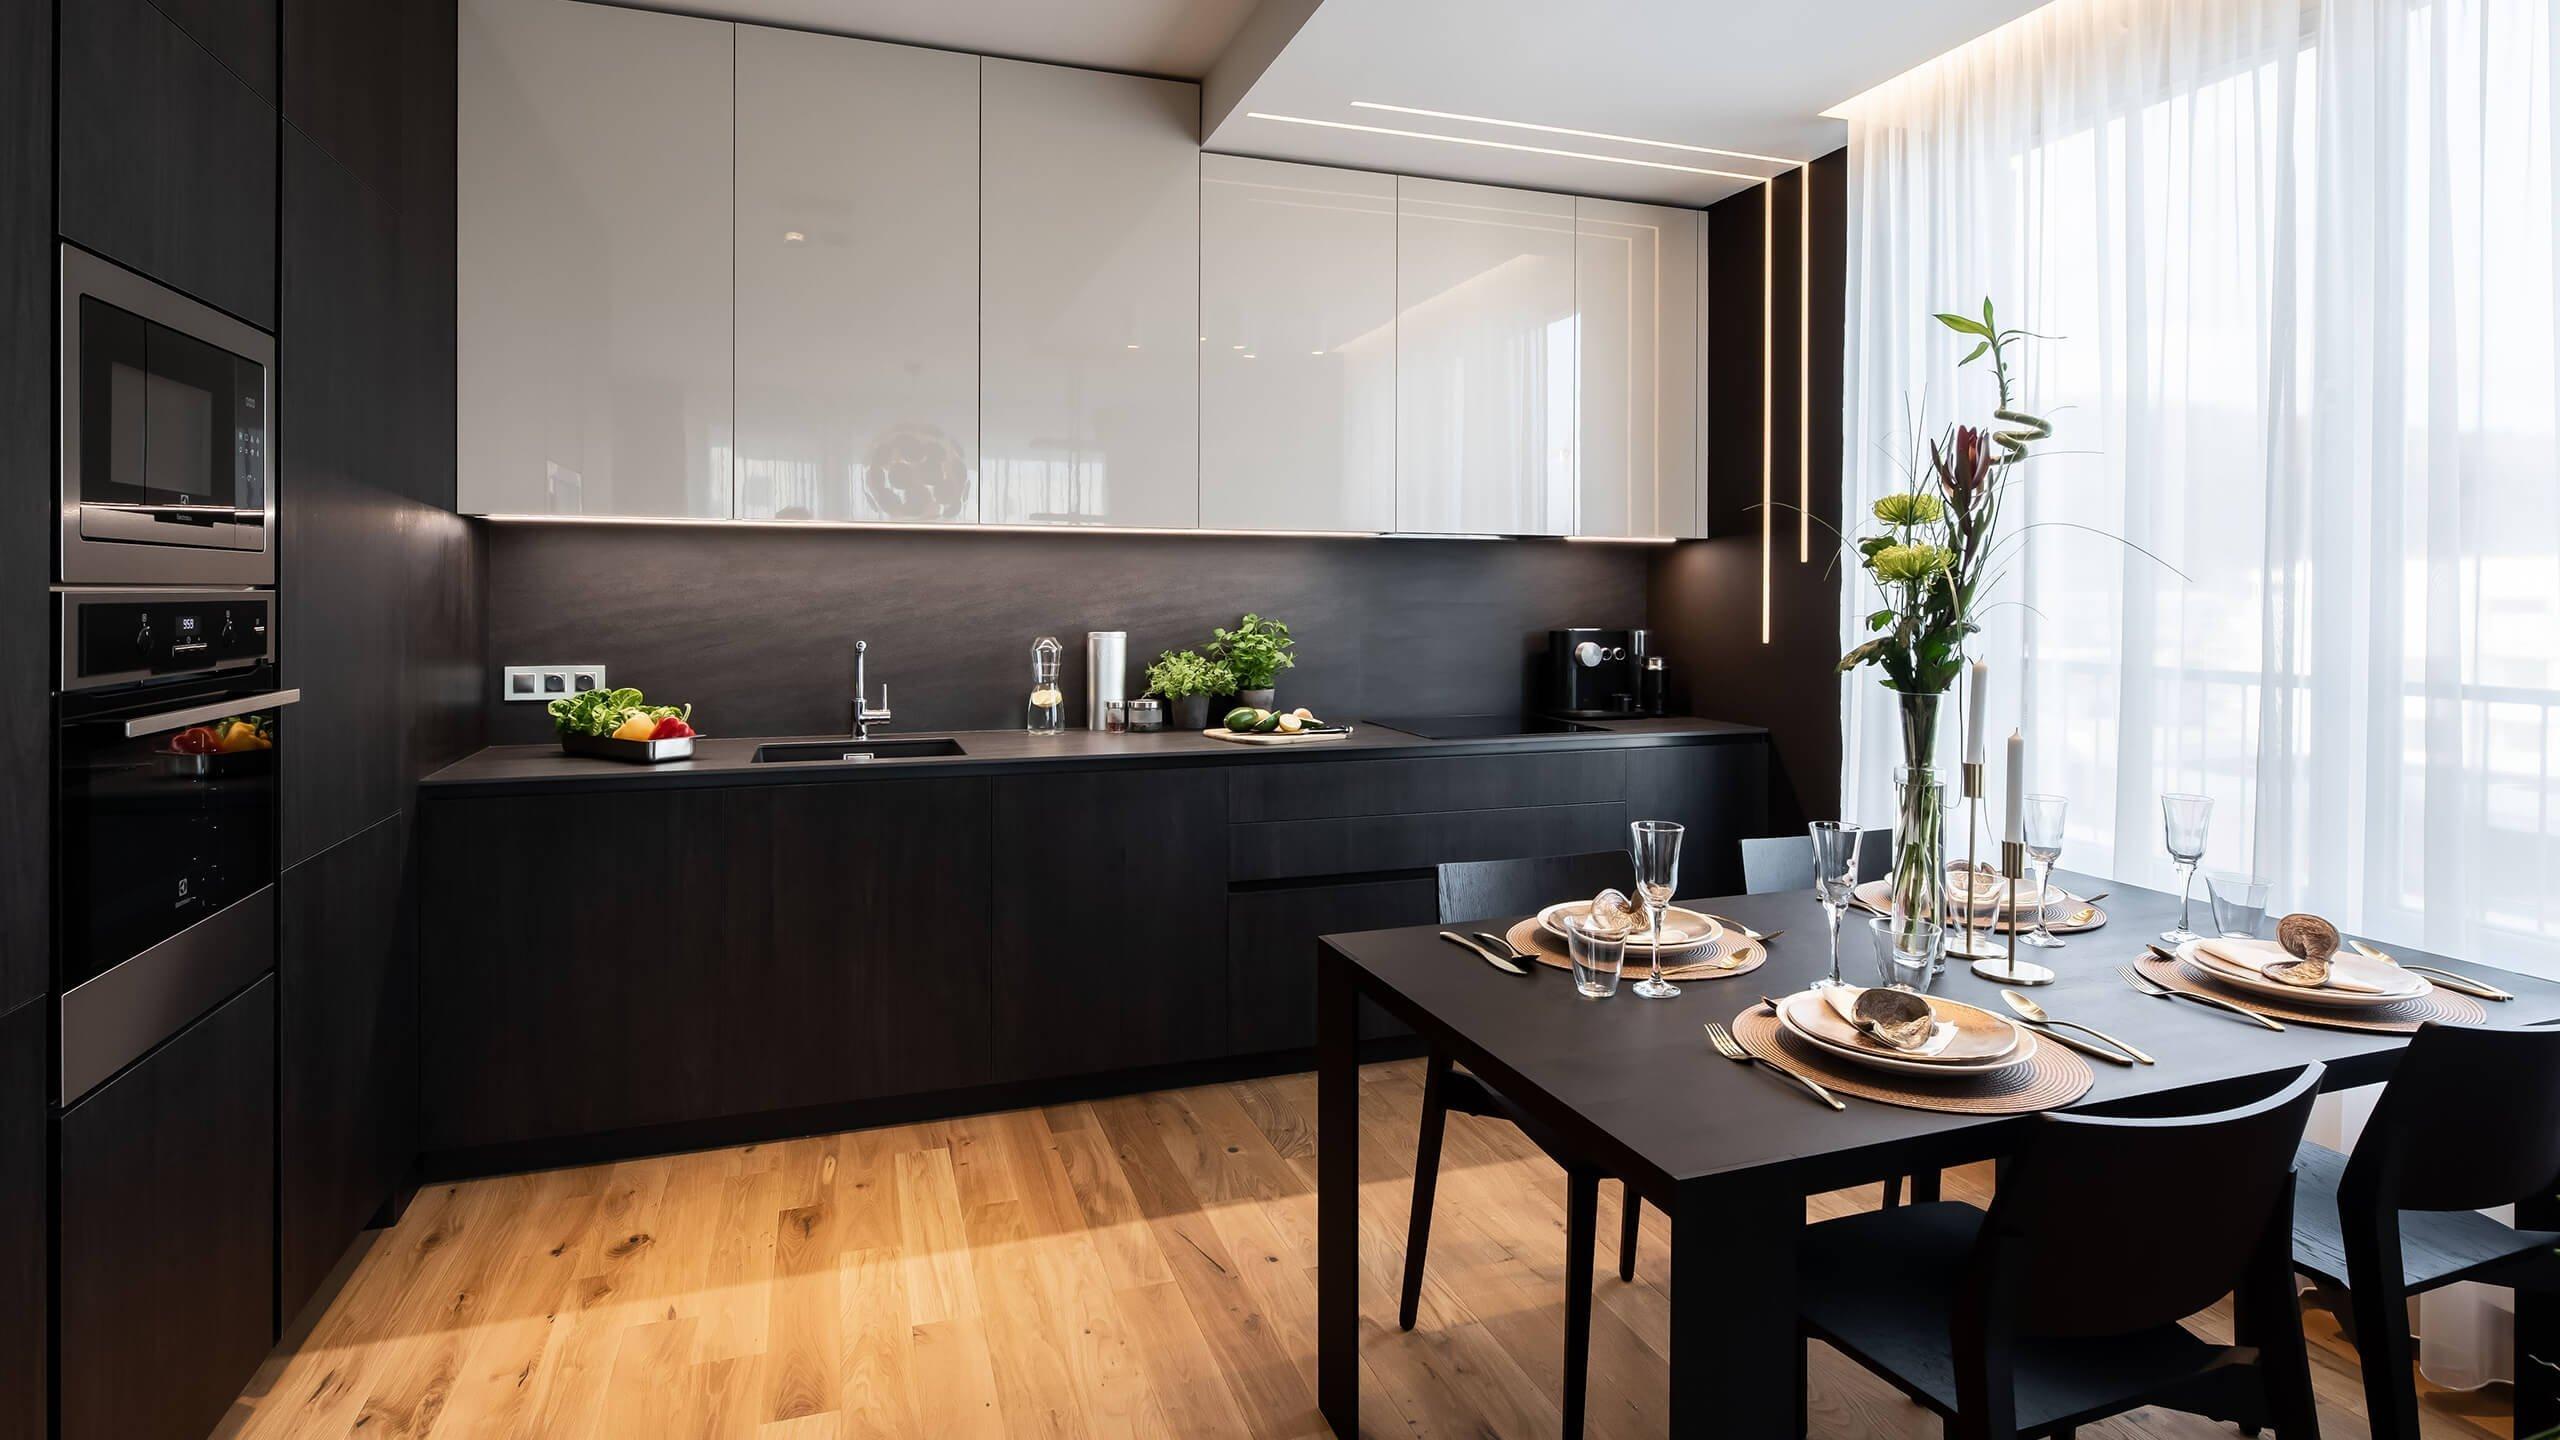 Vzorový byt v Rezidenci Waltrovka je důkazem toho, že i tmavý interiér může působit útulně a elegantně. Kráčí tak proti proudu českých interiérů, ve kterých převažuje bílá barva. Za svůj luxusní vzhled přitom vděčí mimo jiné kvalitním materiálům a atypickým prvkům, které spoludotvářejí osobitý charakter interiéru.